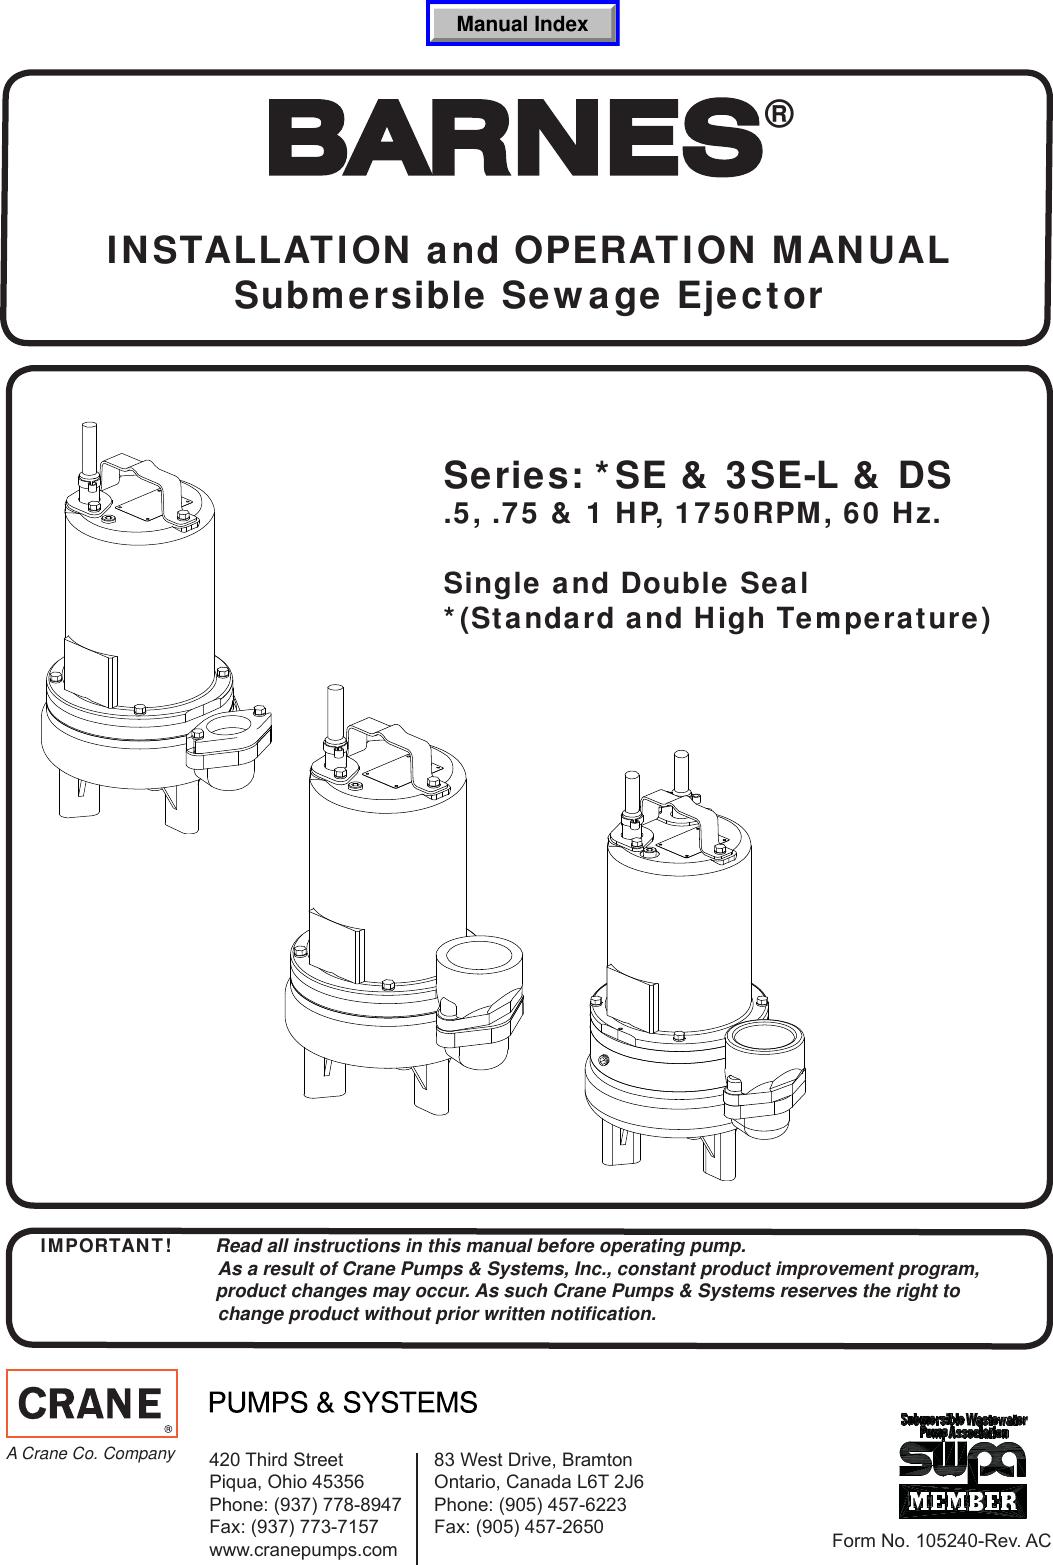 Sump Pump Wiring Manual Guide